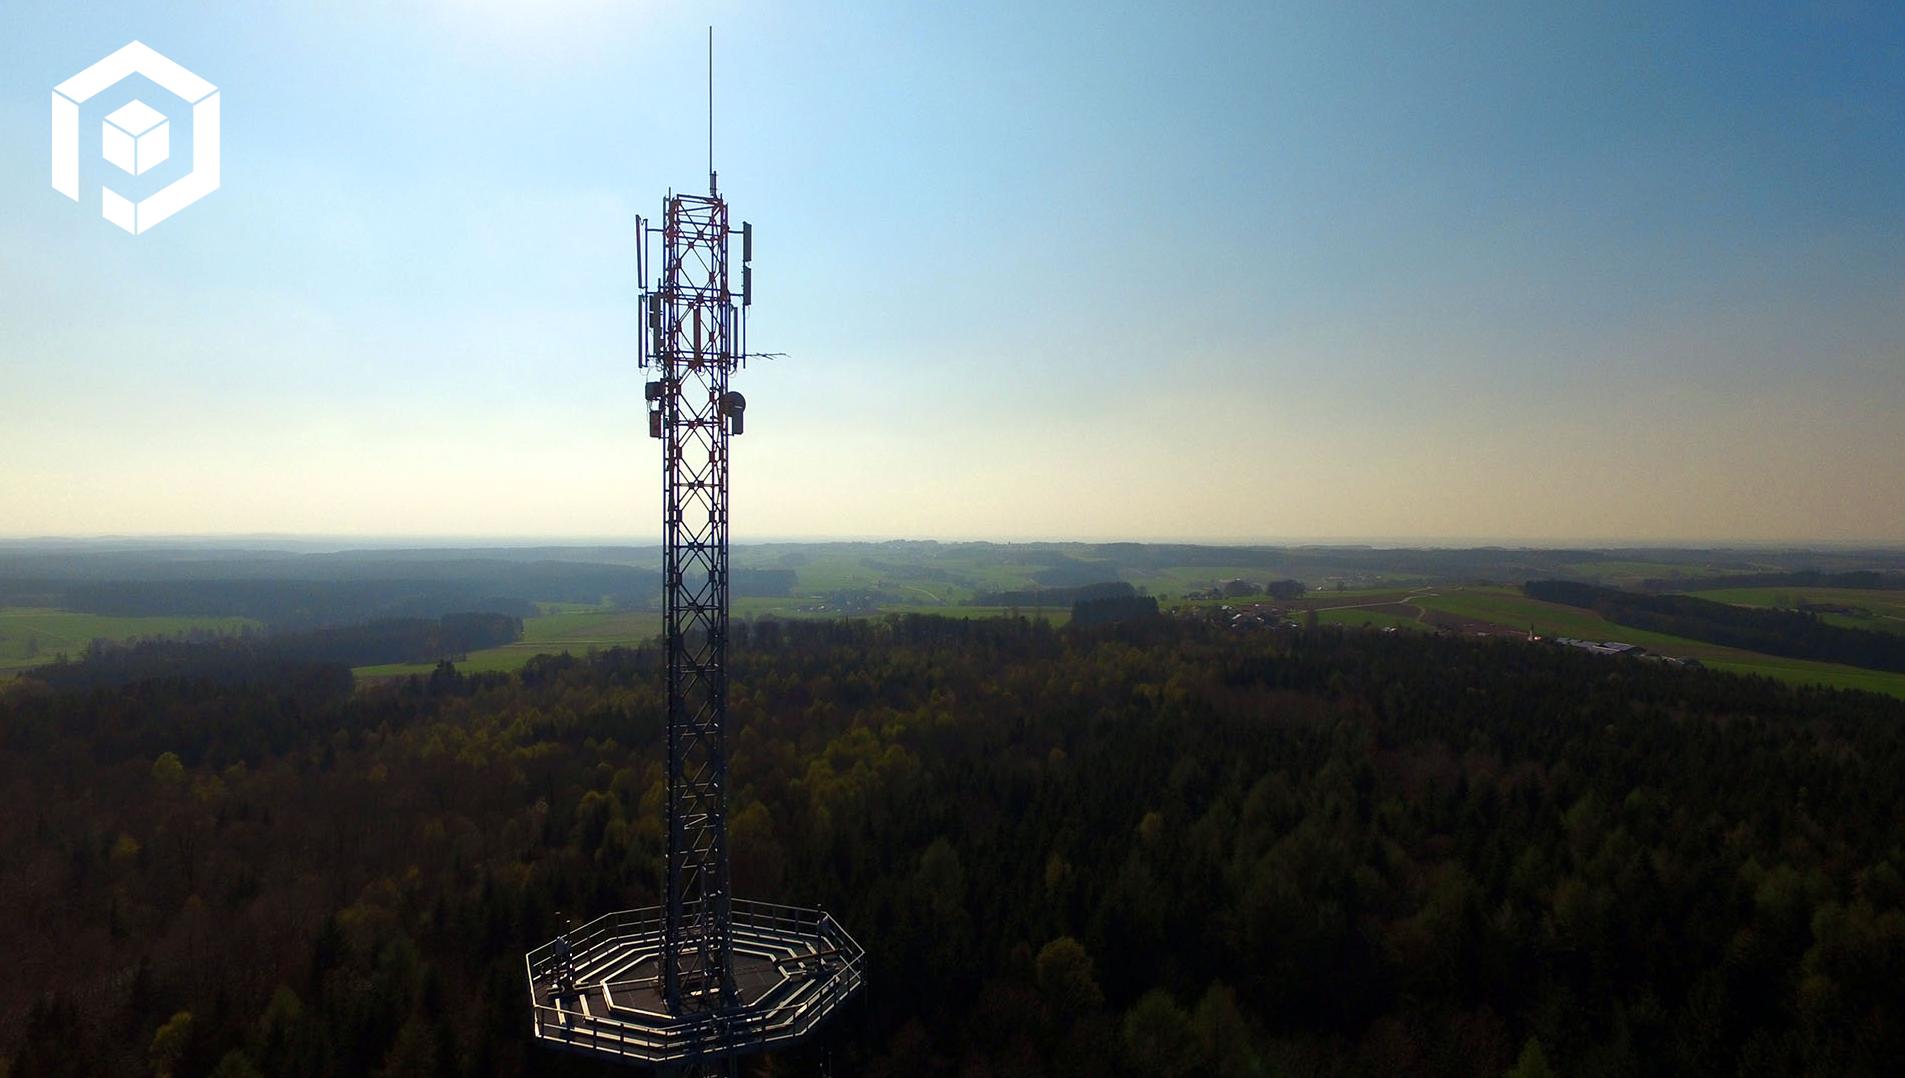 Punkt im Raum - Vermessungs- und Drohnendienstleistungen c/o Klaus Weismor